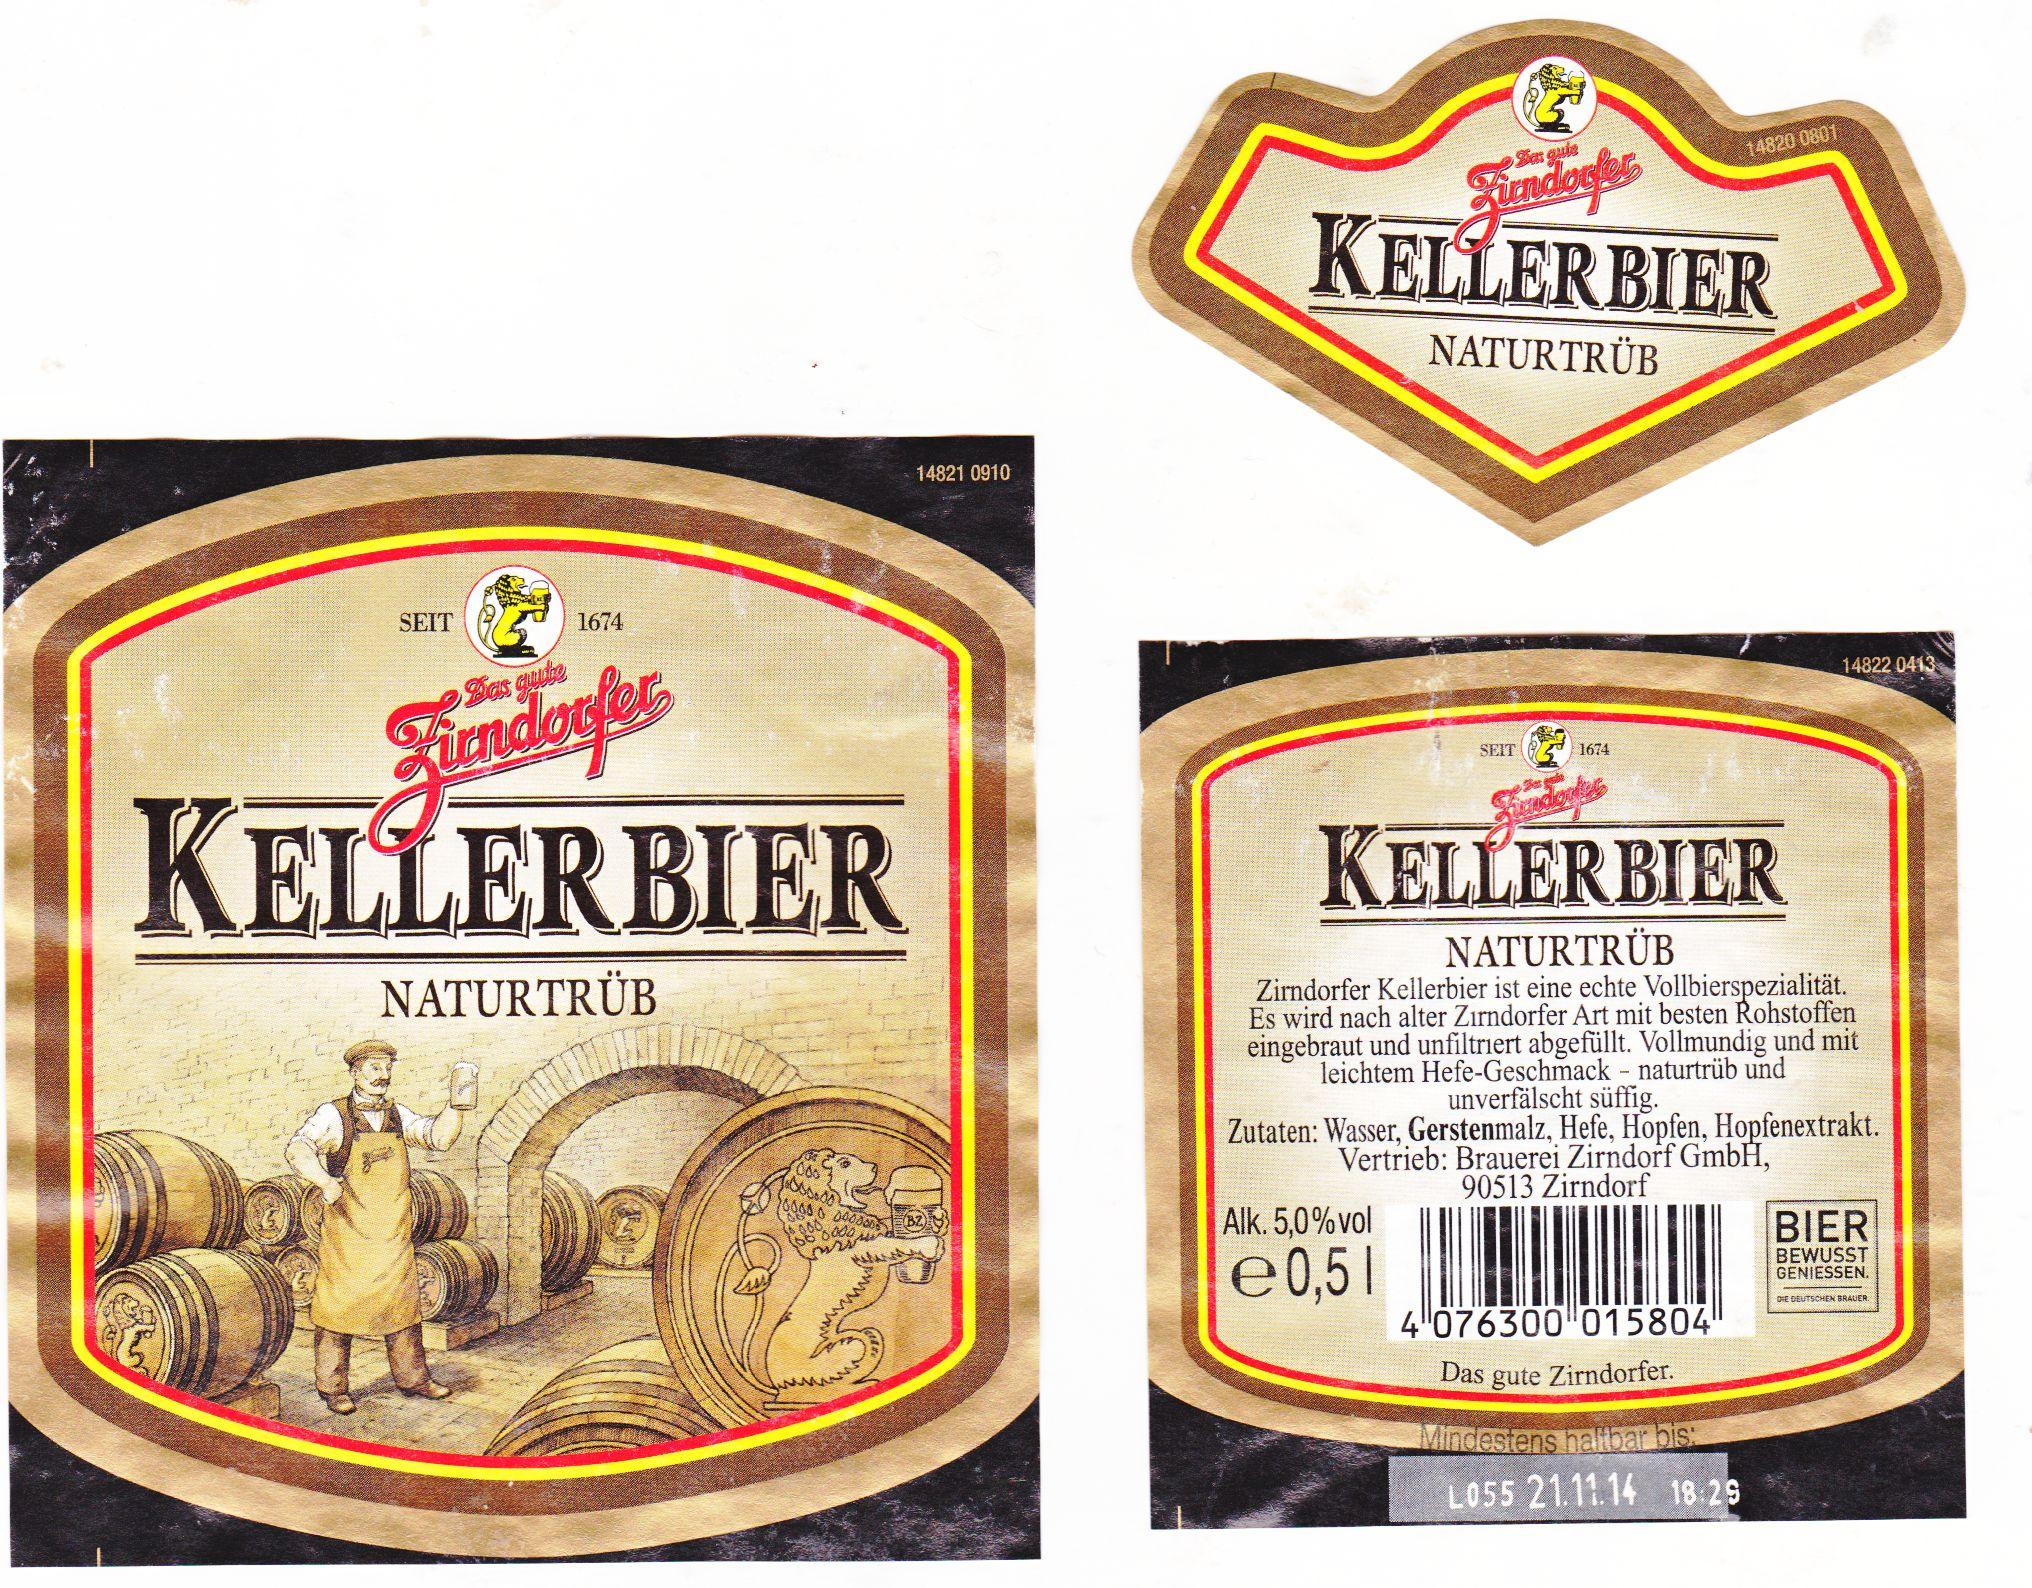 zirndorfer-kellerbier